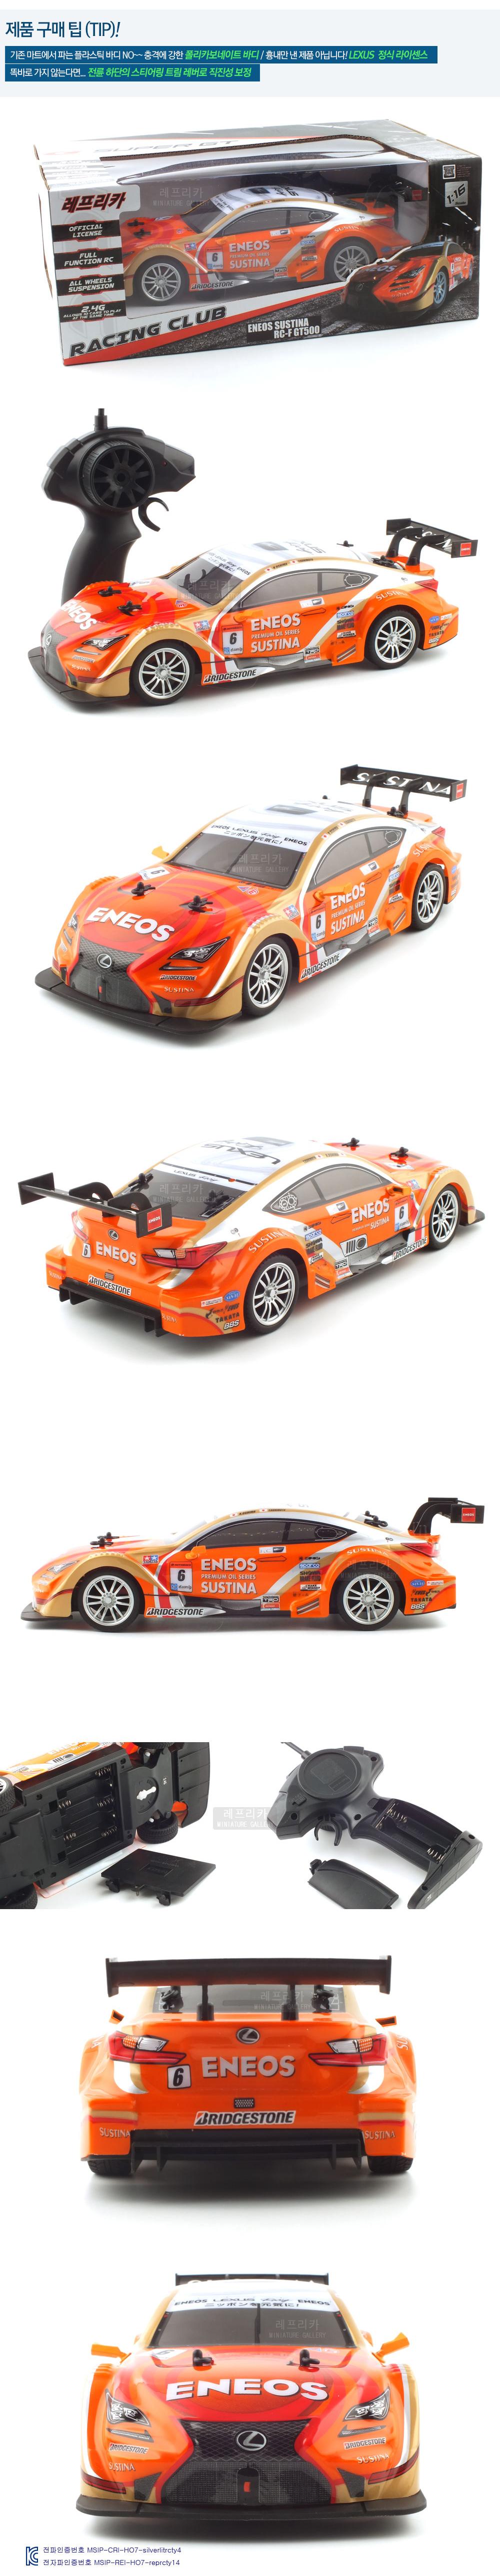 렉서스 RC-F GT500 - ENEOS SUSTINA (HEX990371DE)RC - 레프리카, 60,000원, R/C 카, 전동 R/C카